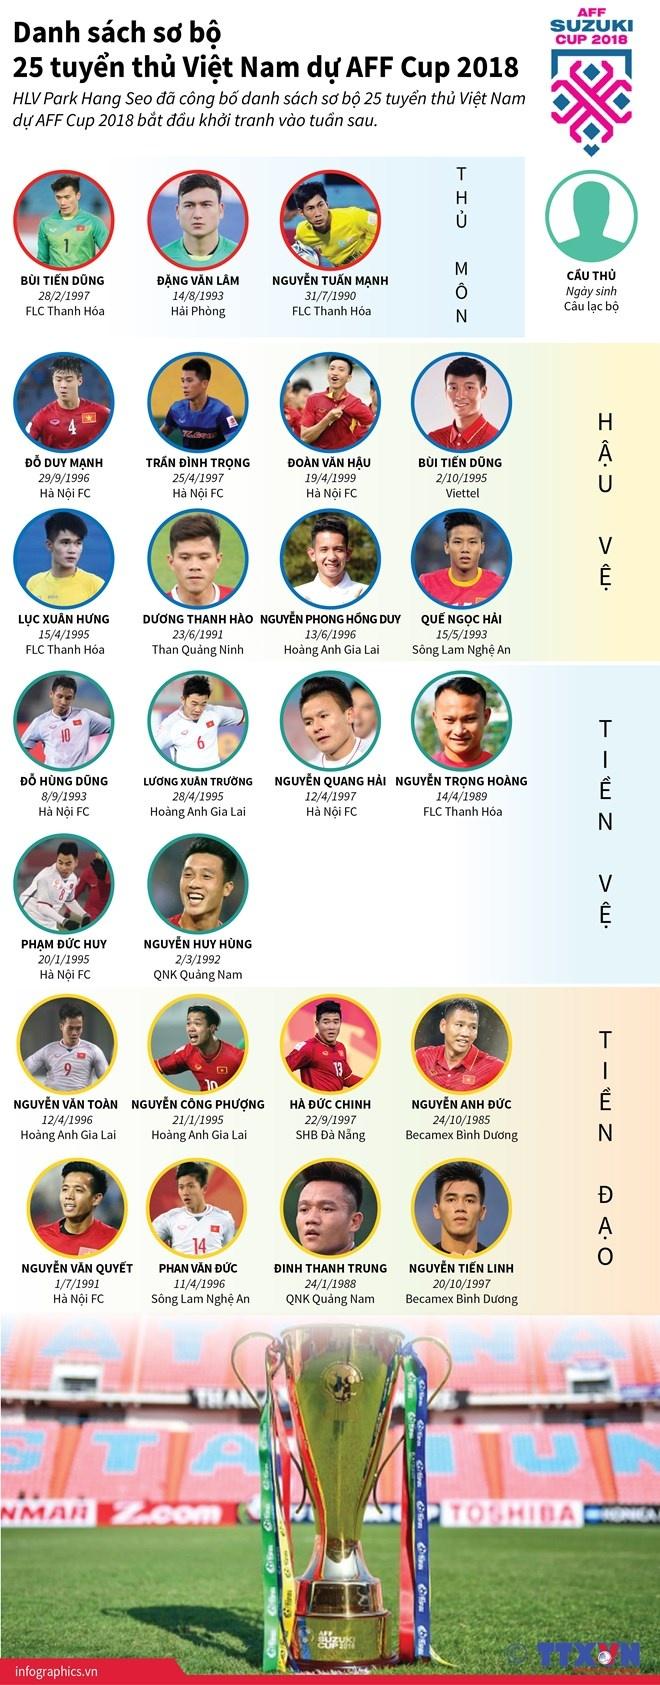 [Infographics] Danh sách sơ bộ 25 tuyển thủ Việt Nam dự AFF Cup 2018